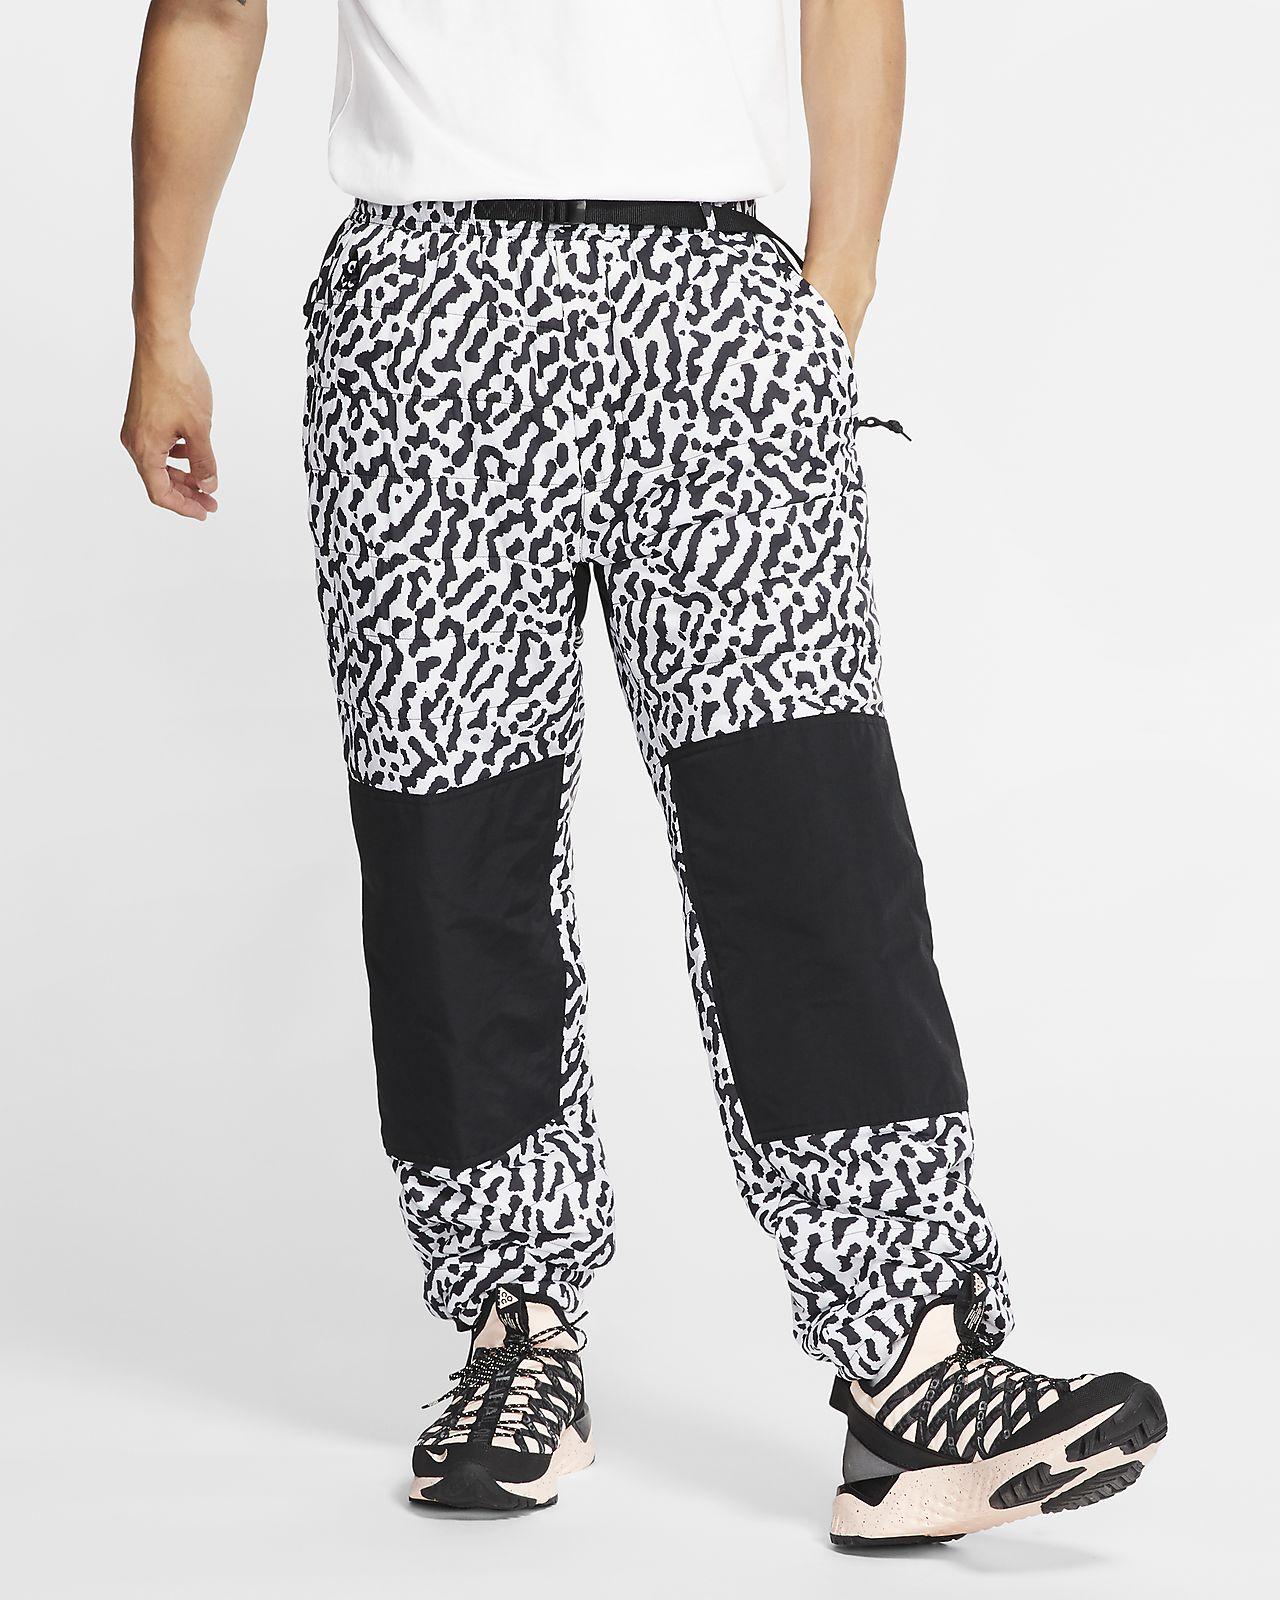 Ανδρικό παντελόνι πεζοπορίας με σχέδιο σε όλη την επιφάνεια Nike ACG PrimaLoft®